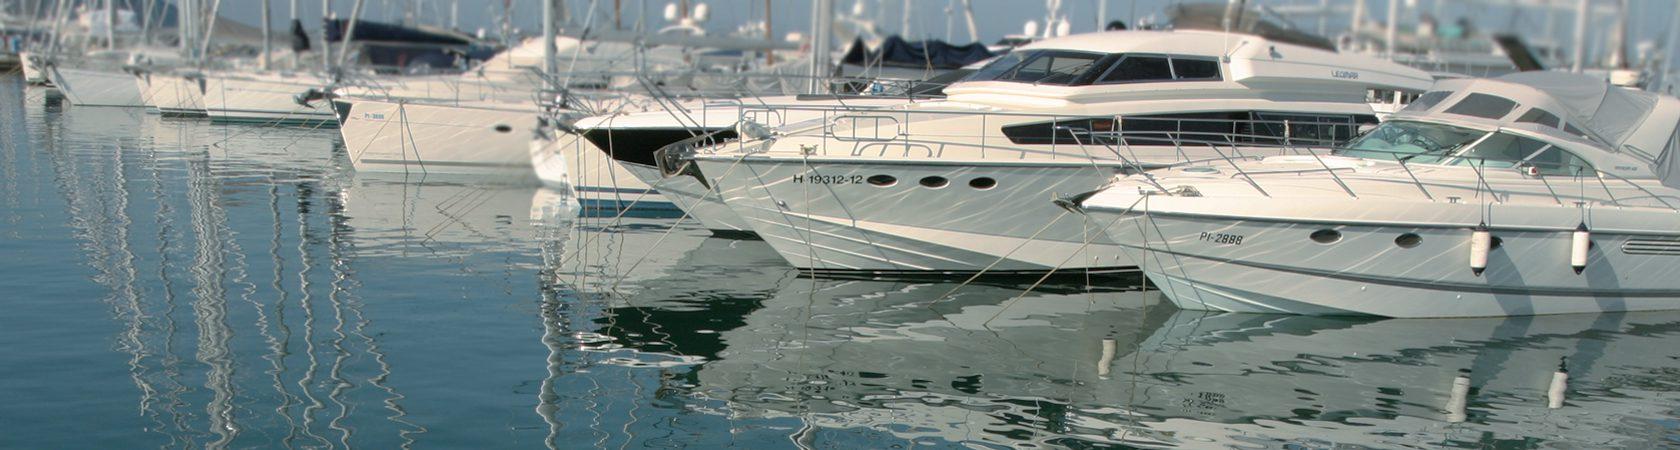 Permalink zu:Sportbootführerschein See